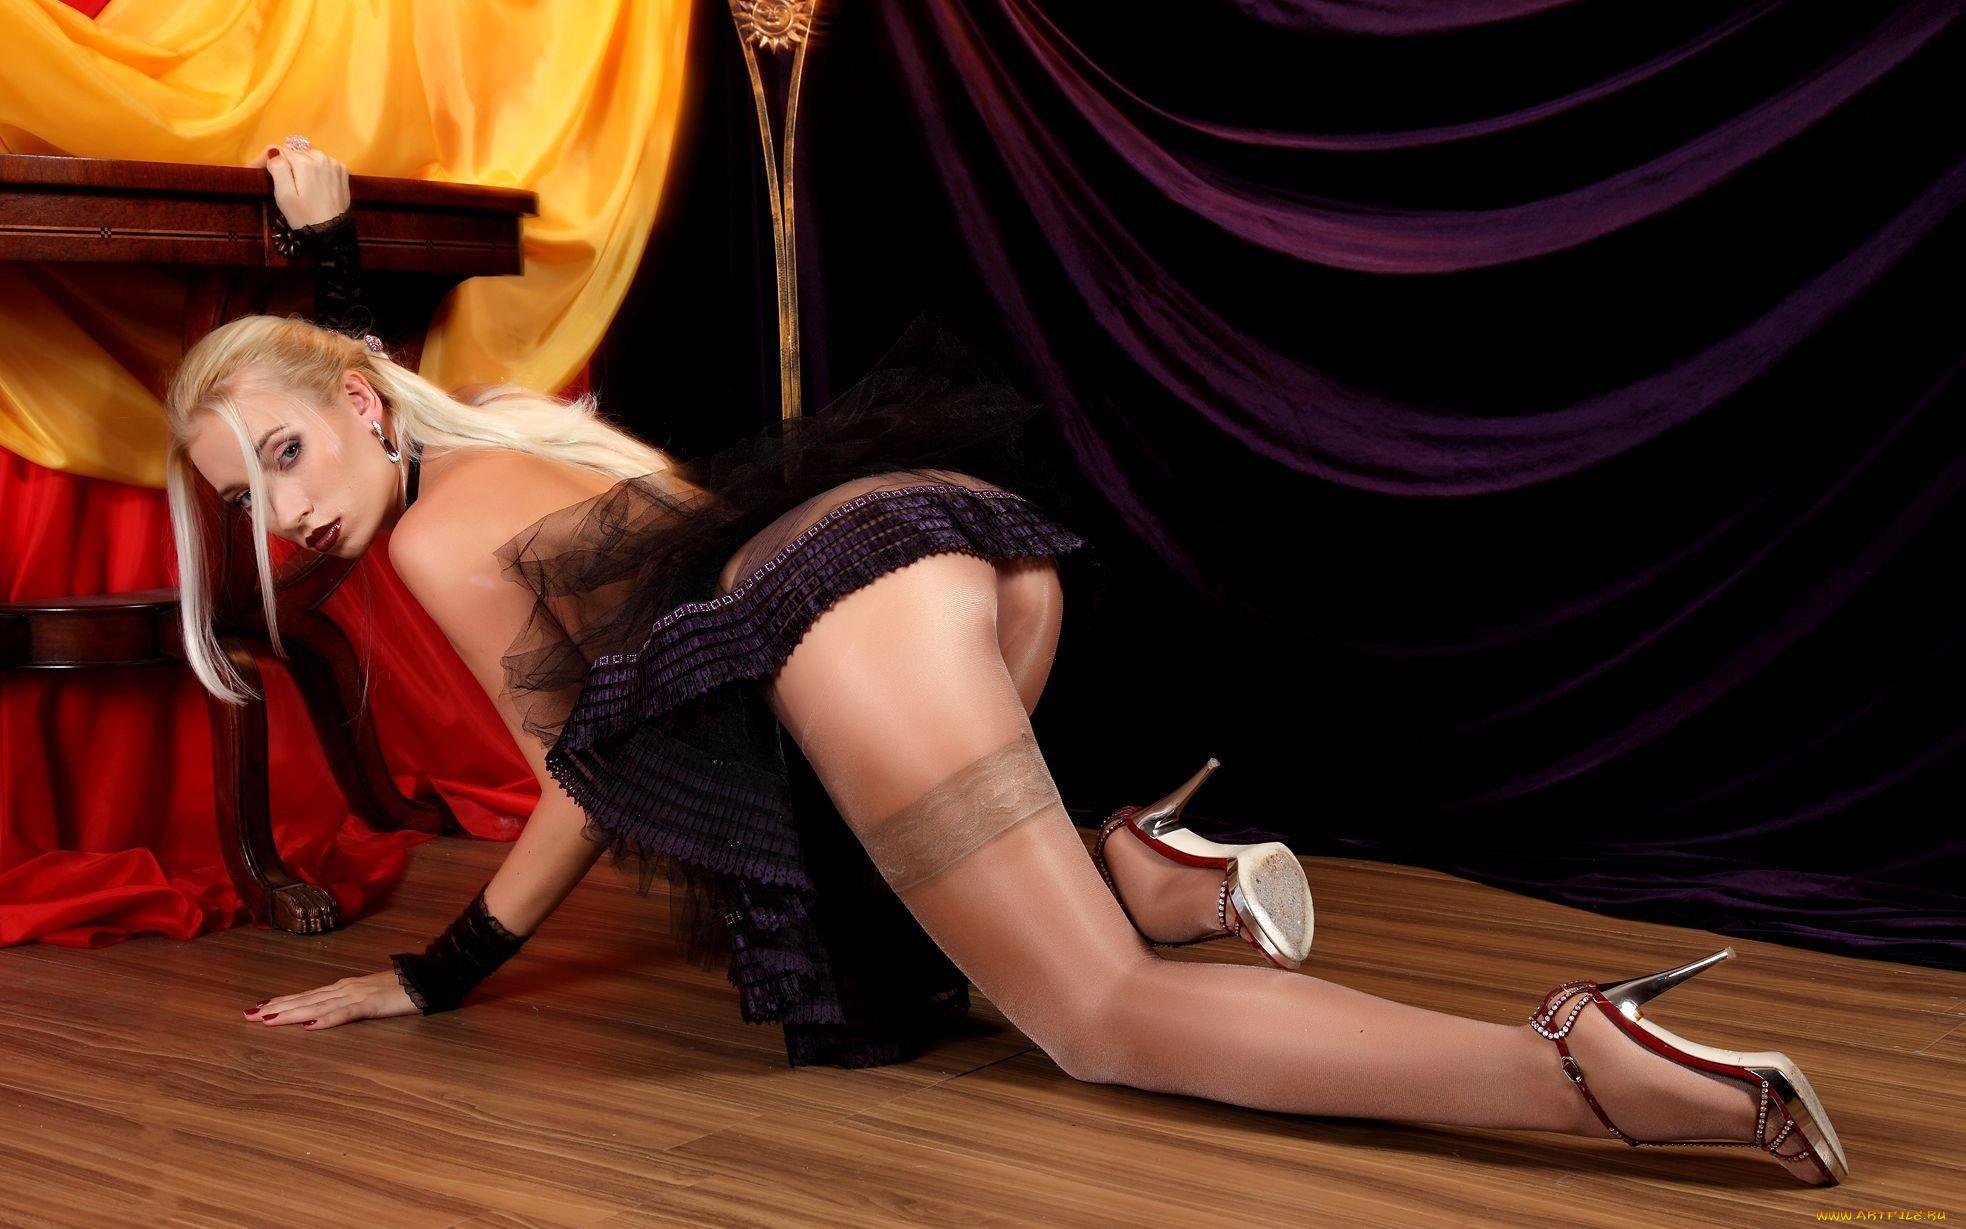 недавно парень фото женский стриптиз в чулках трусиках тоже всегда соответствующий